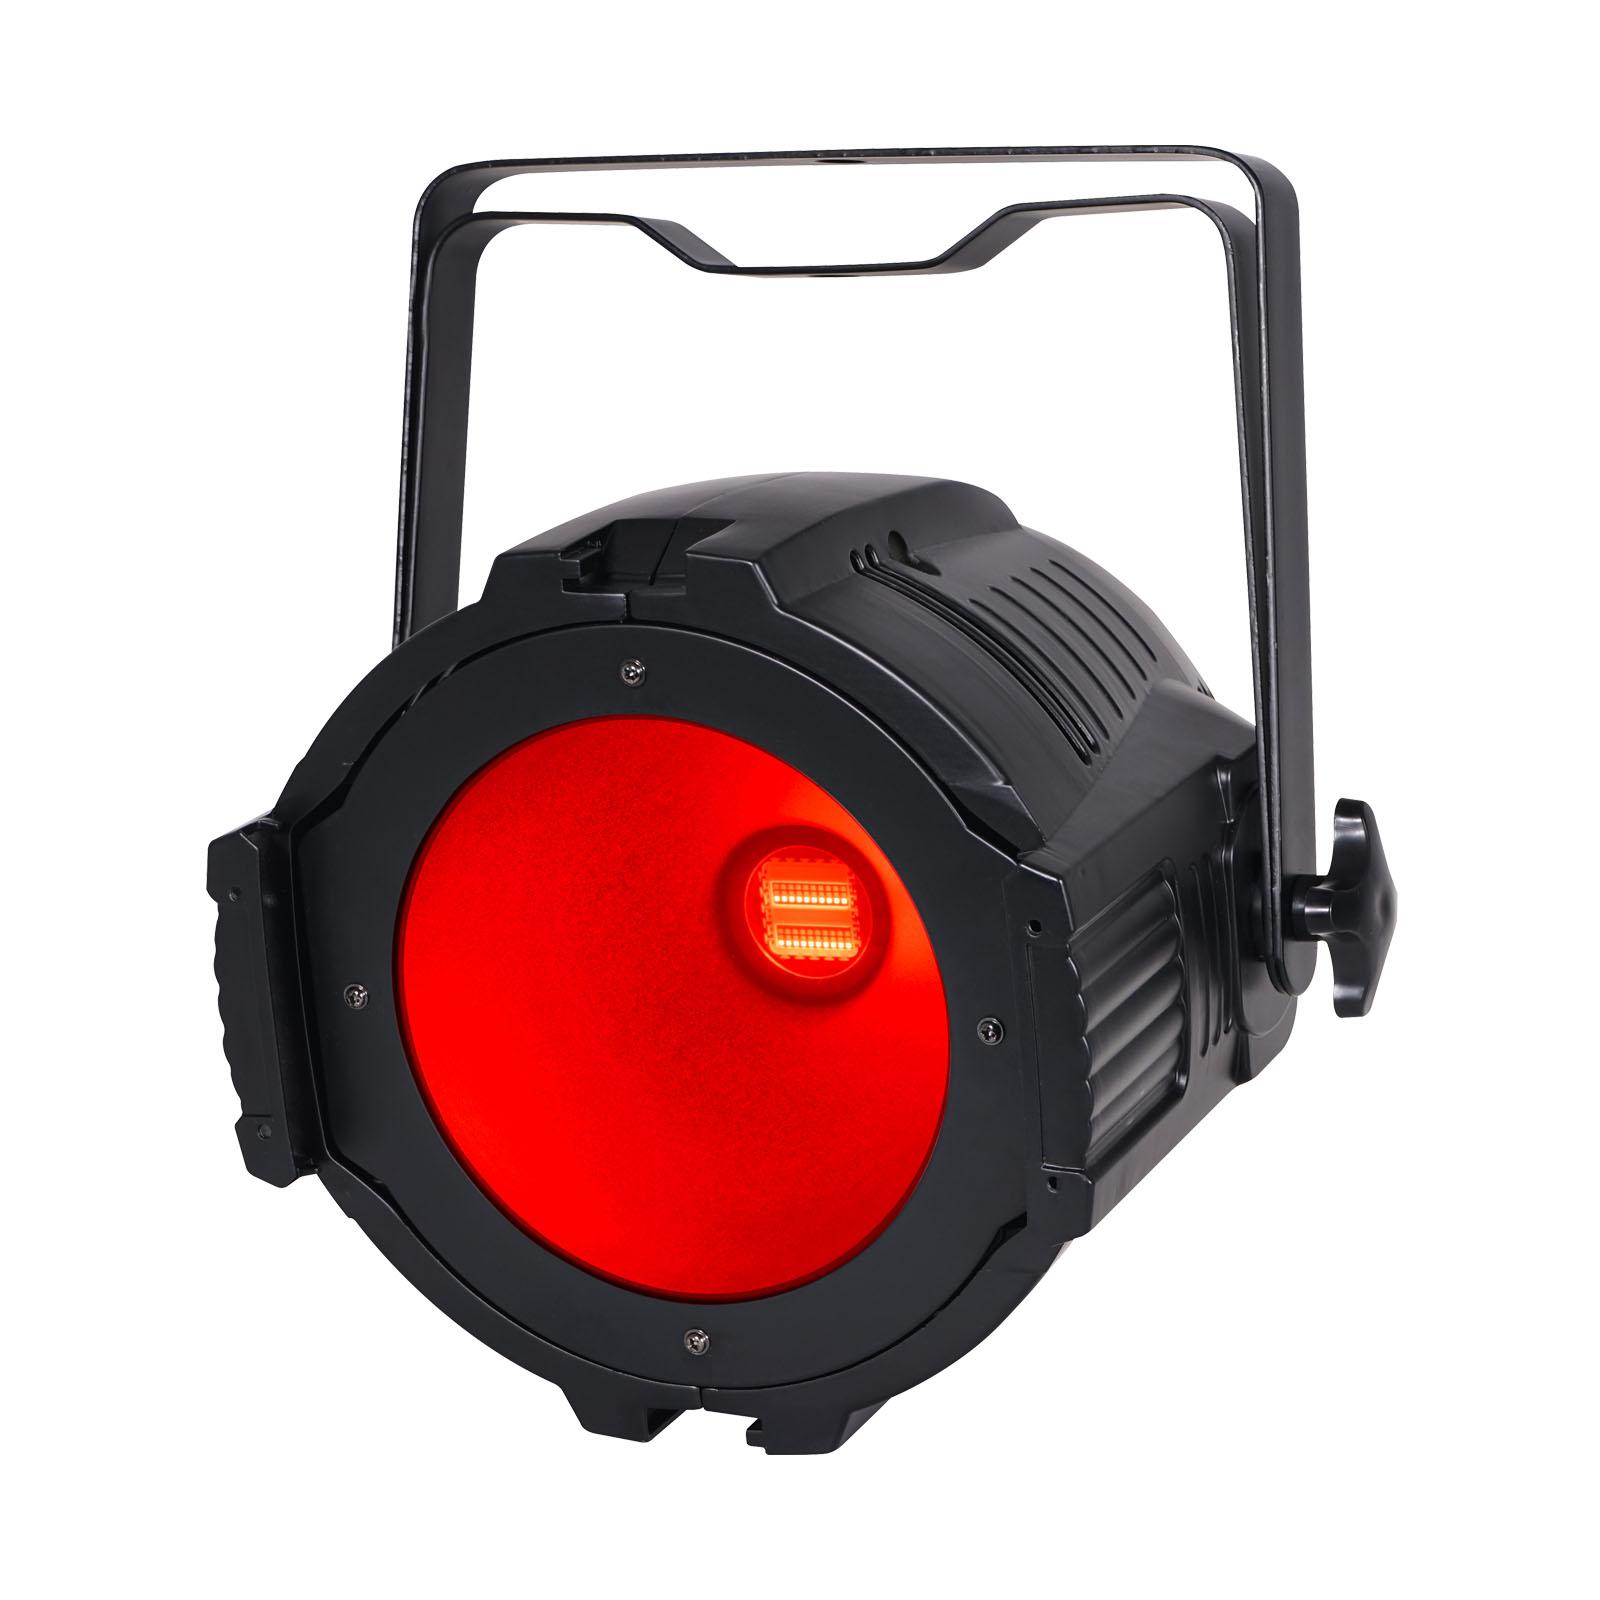 LEDJ Performer 200 Quad lit up red